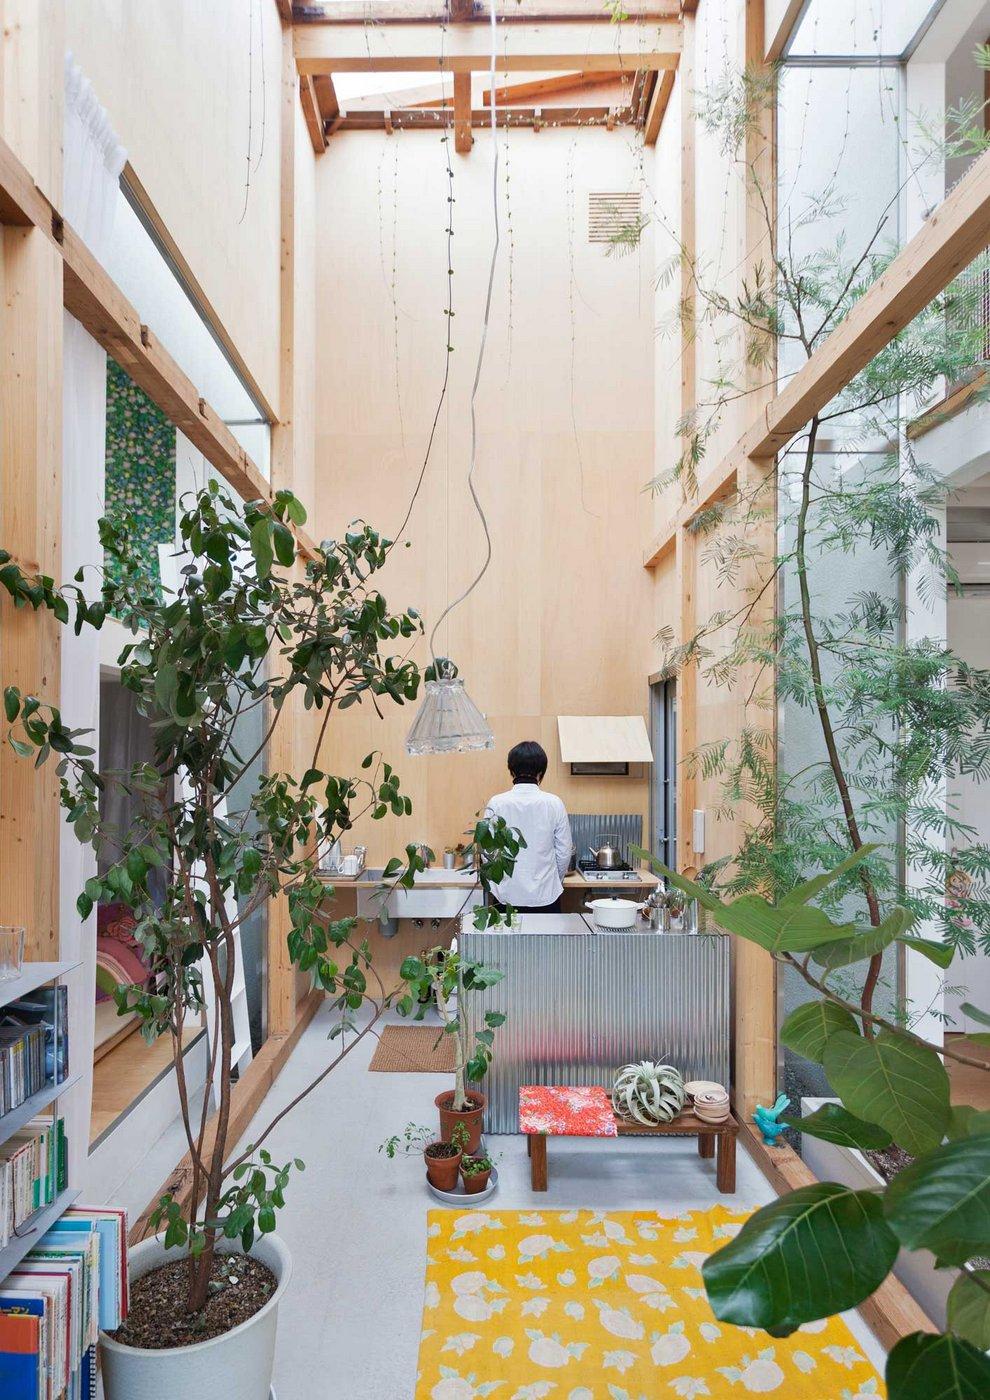 House-Komazawa-Park-Mico (10)